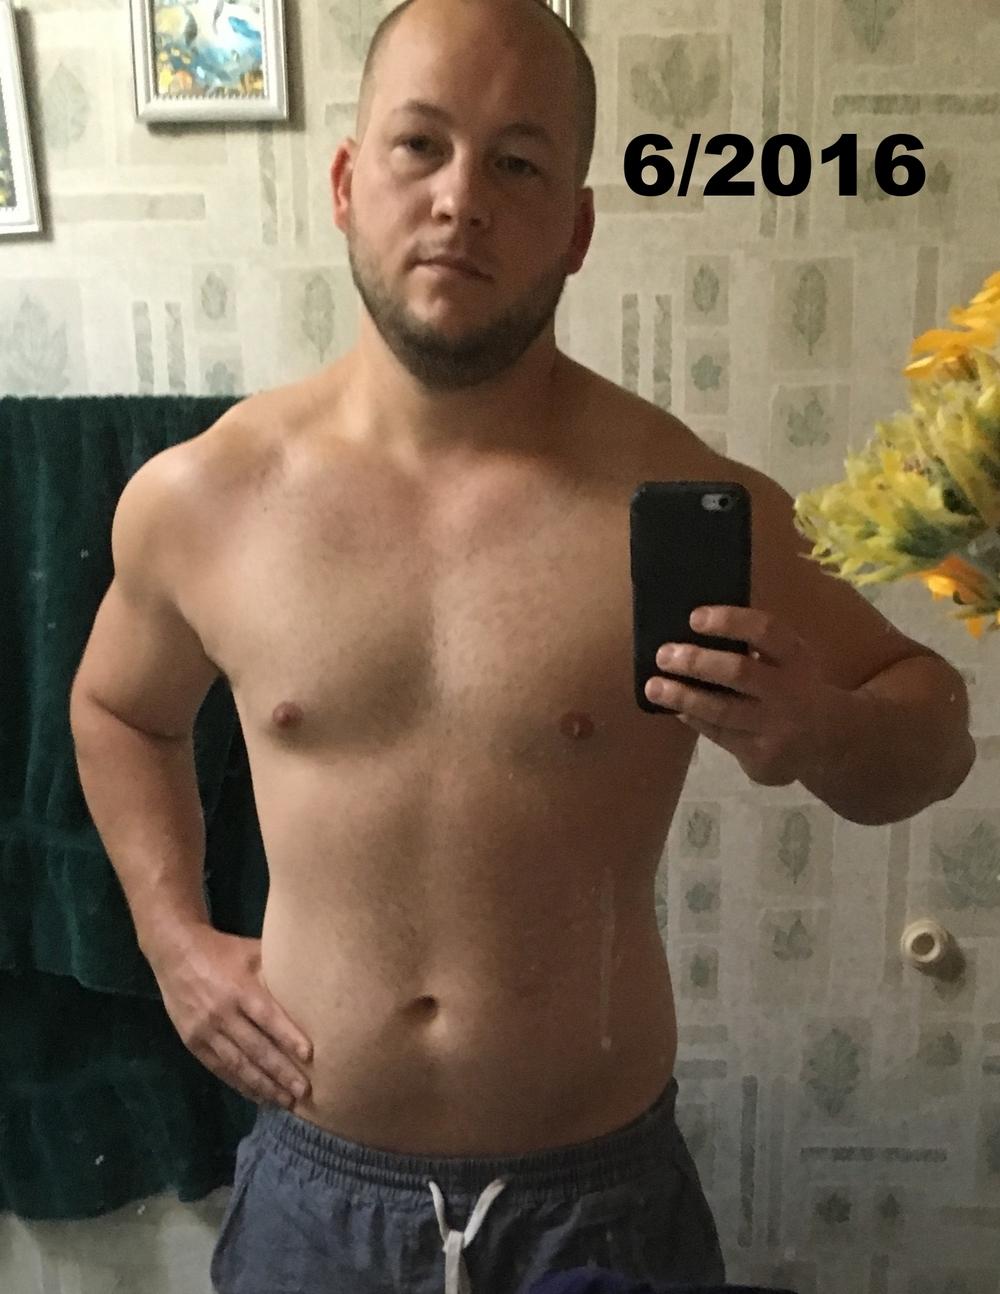 afterweightlossatneworleansboxbodytransformation.jpeg